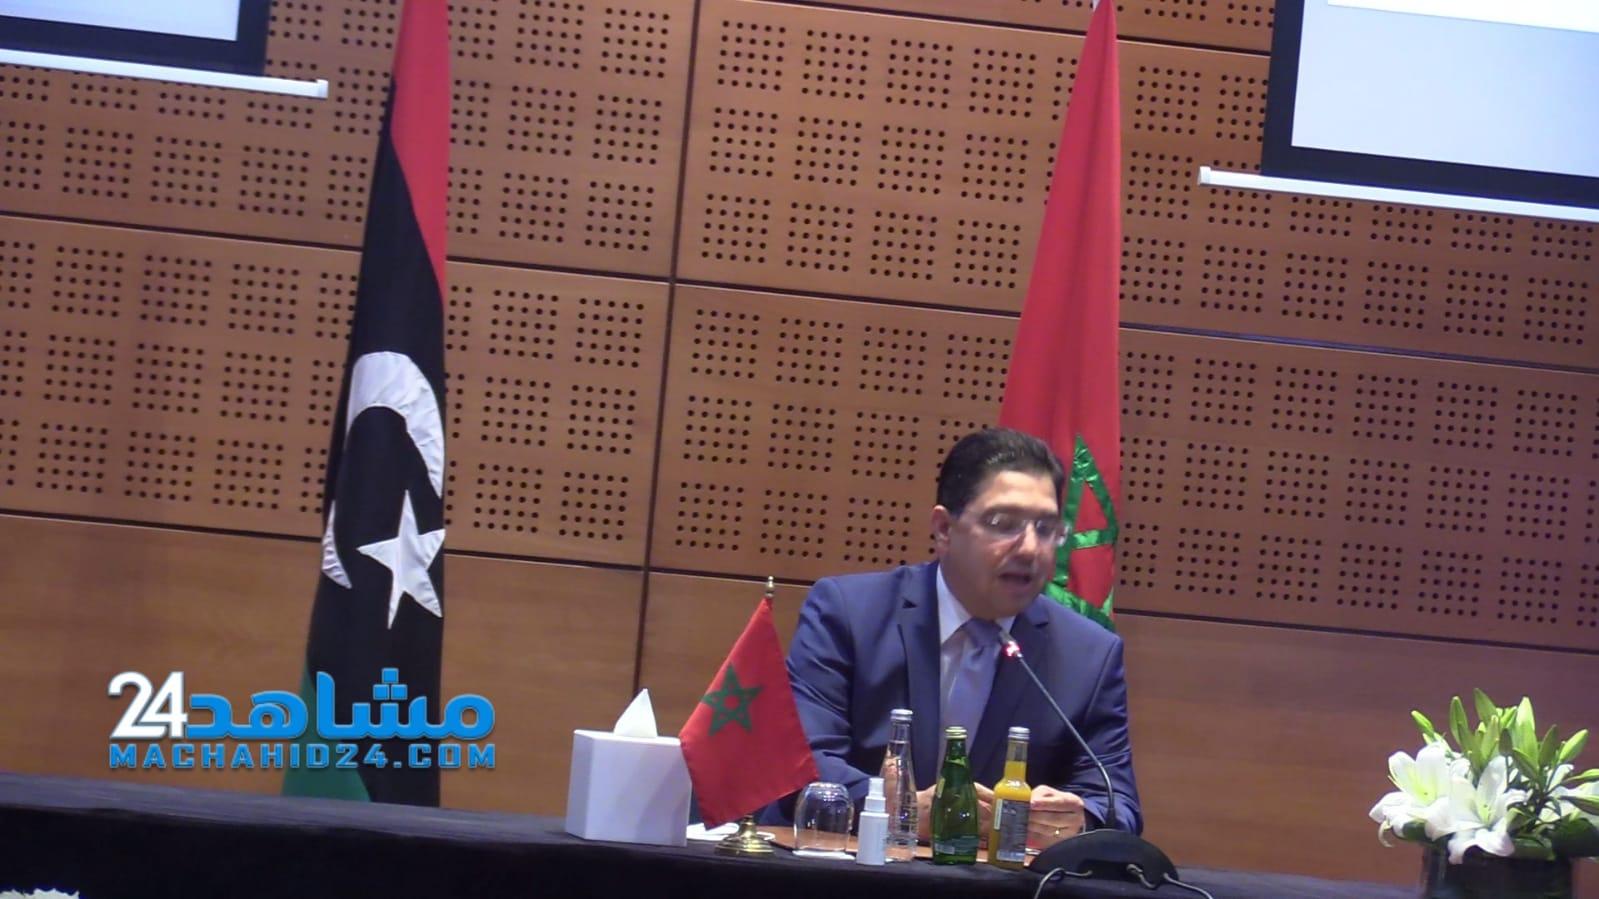 منظمة: مخرجات حوار الأطراف الليبية في المغرب خارطة طريق لتسوية الأزمة